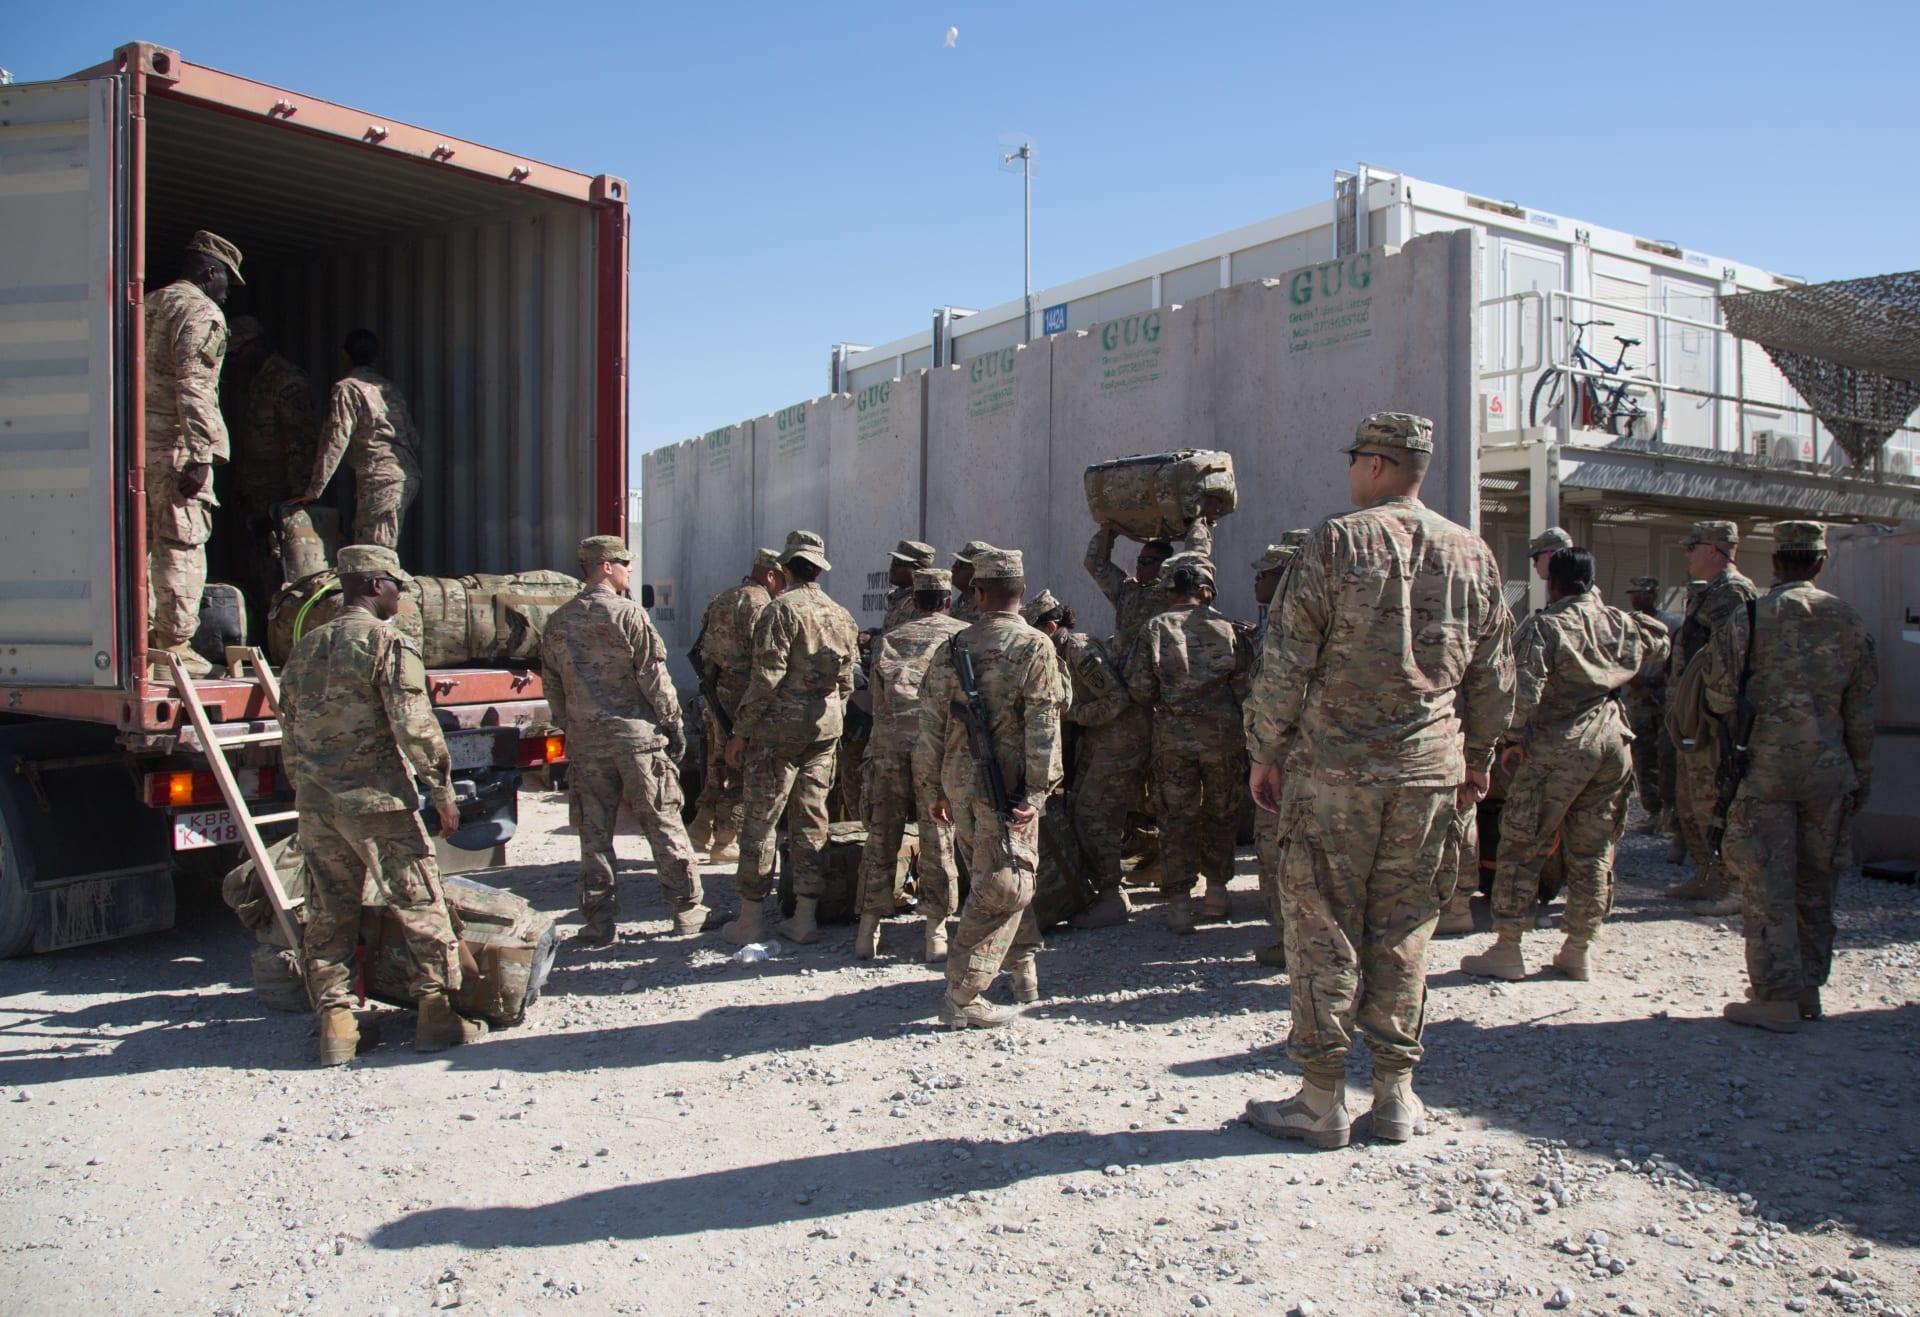 الجيش الأمريكي يتوقع أمرًا وشيكا لترامب بسحب مزيد من قواته في العراق وأفغانستان